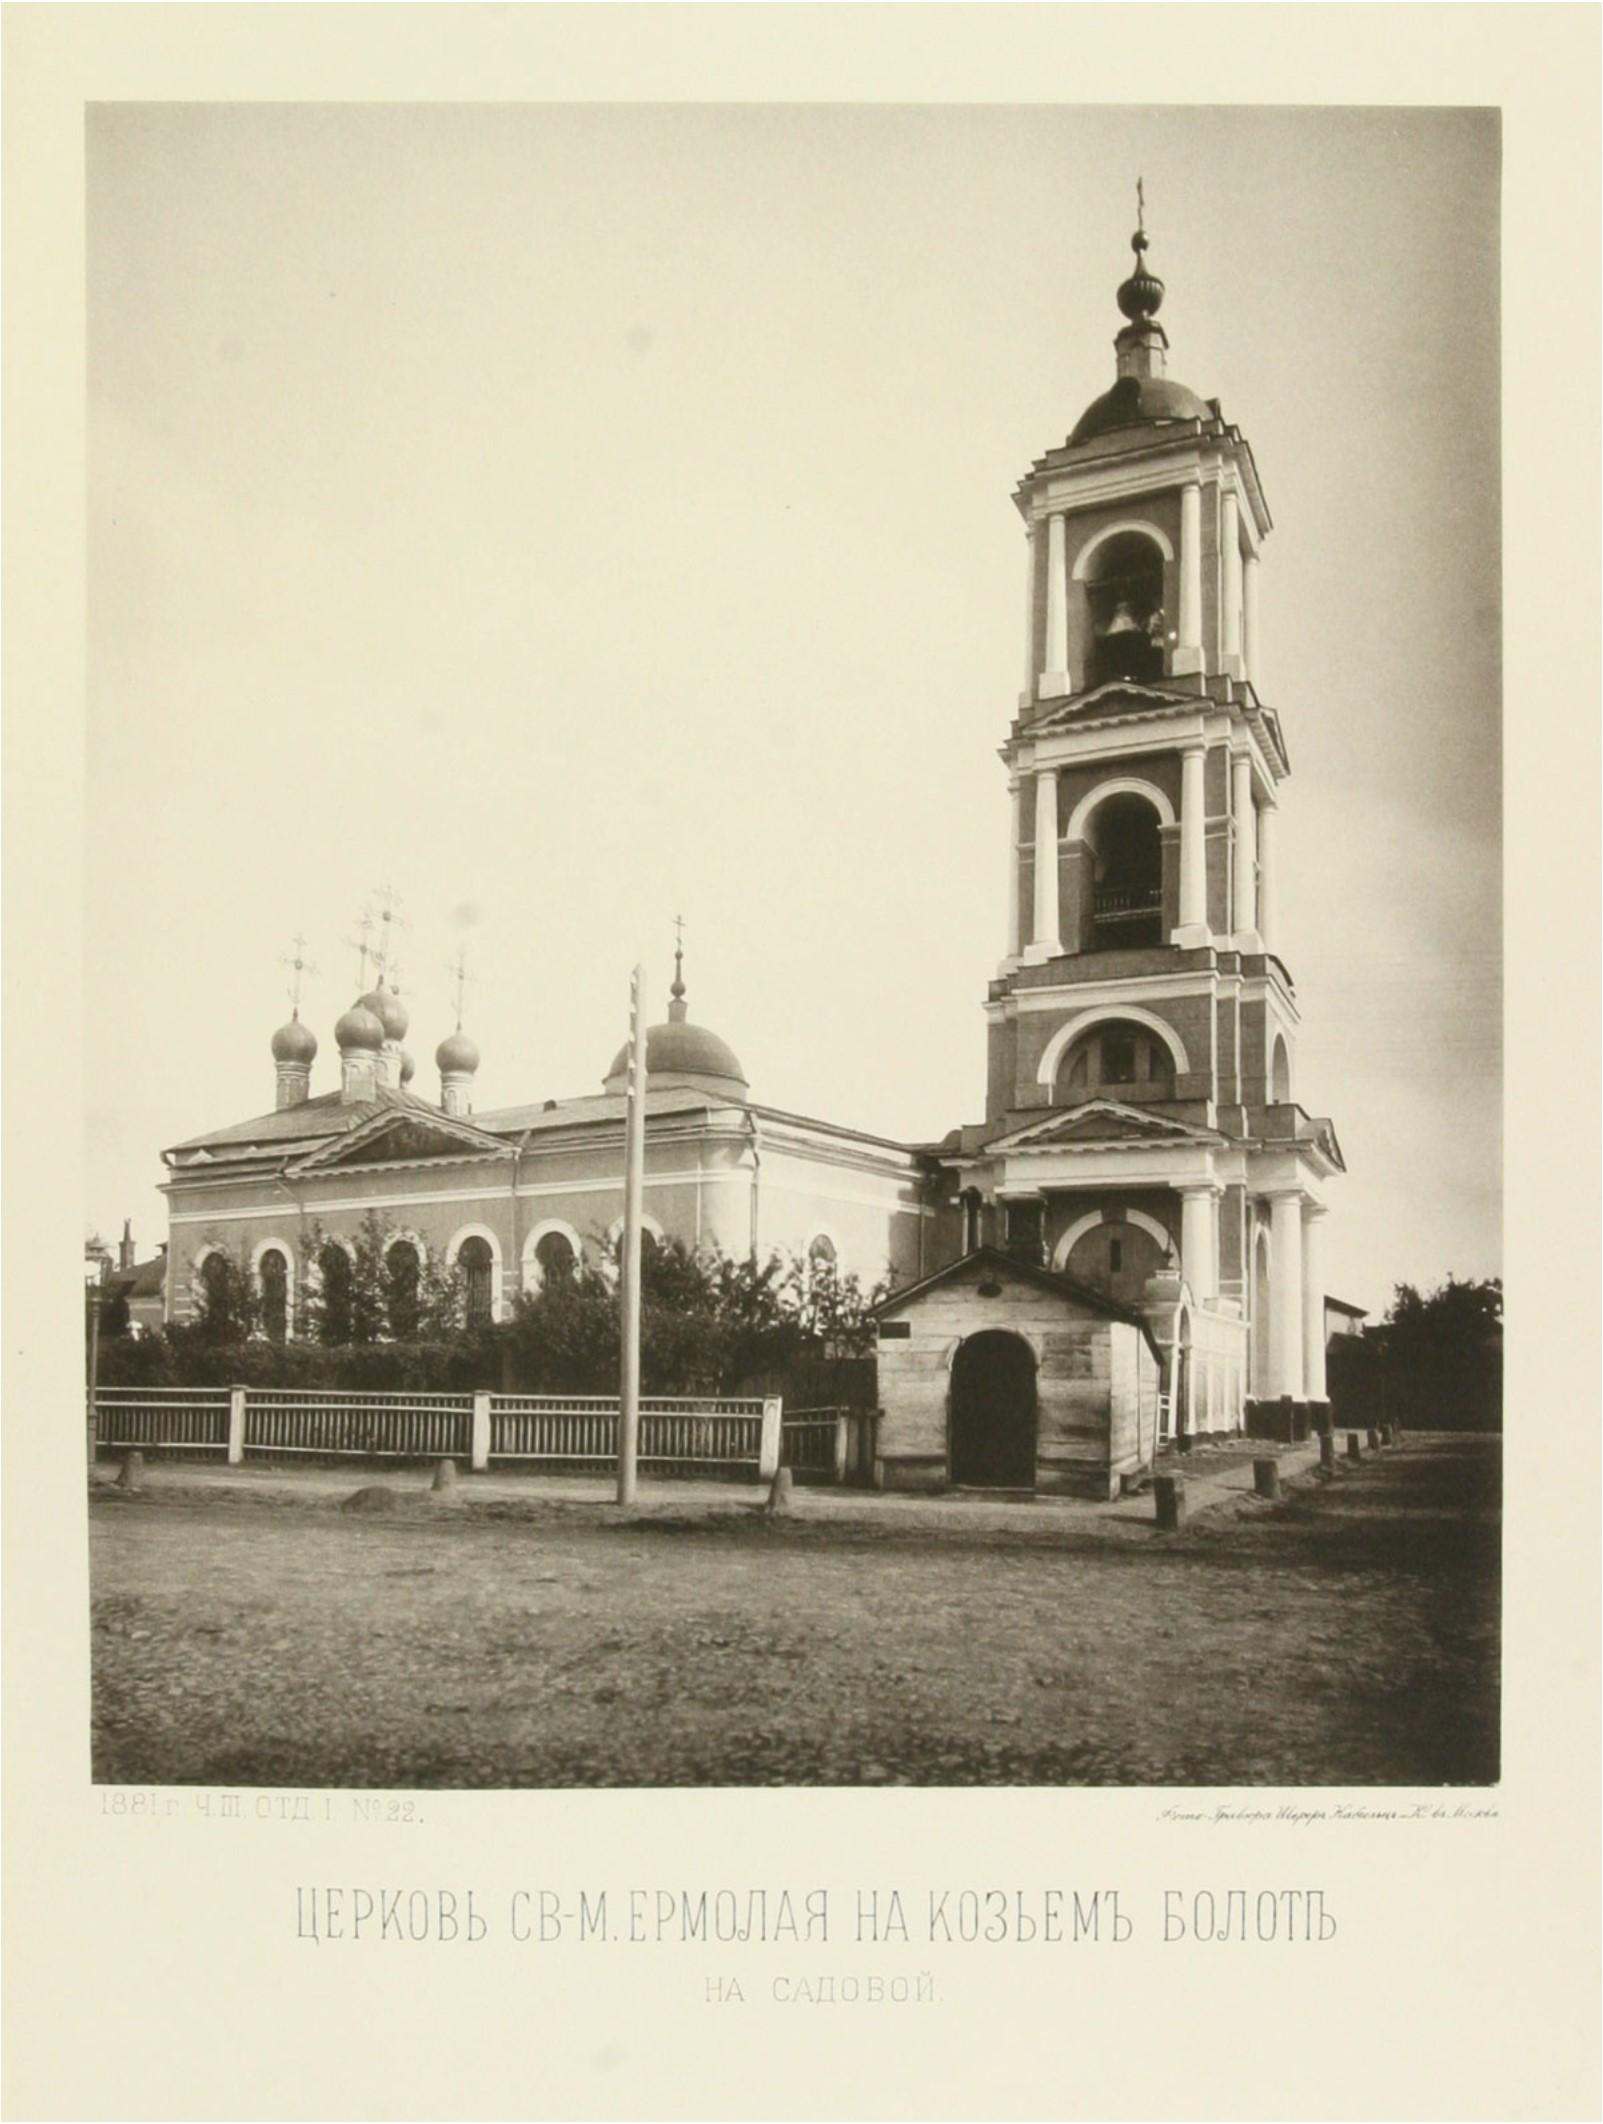 Церковь Священномученика Ермолая на Козьем болоте